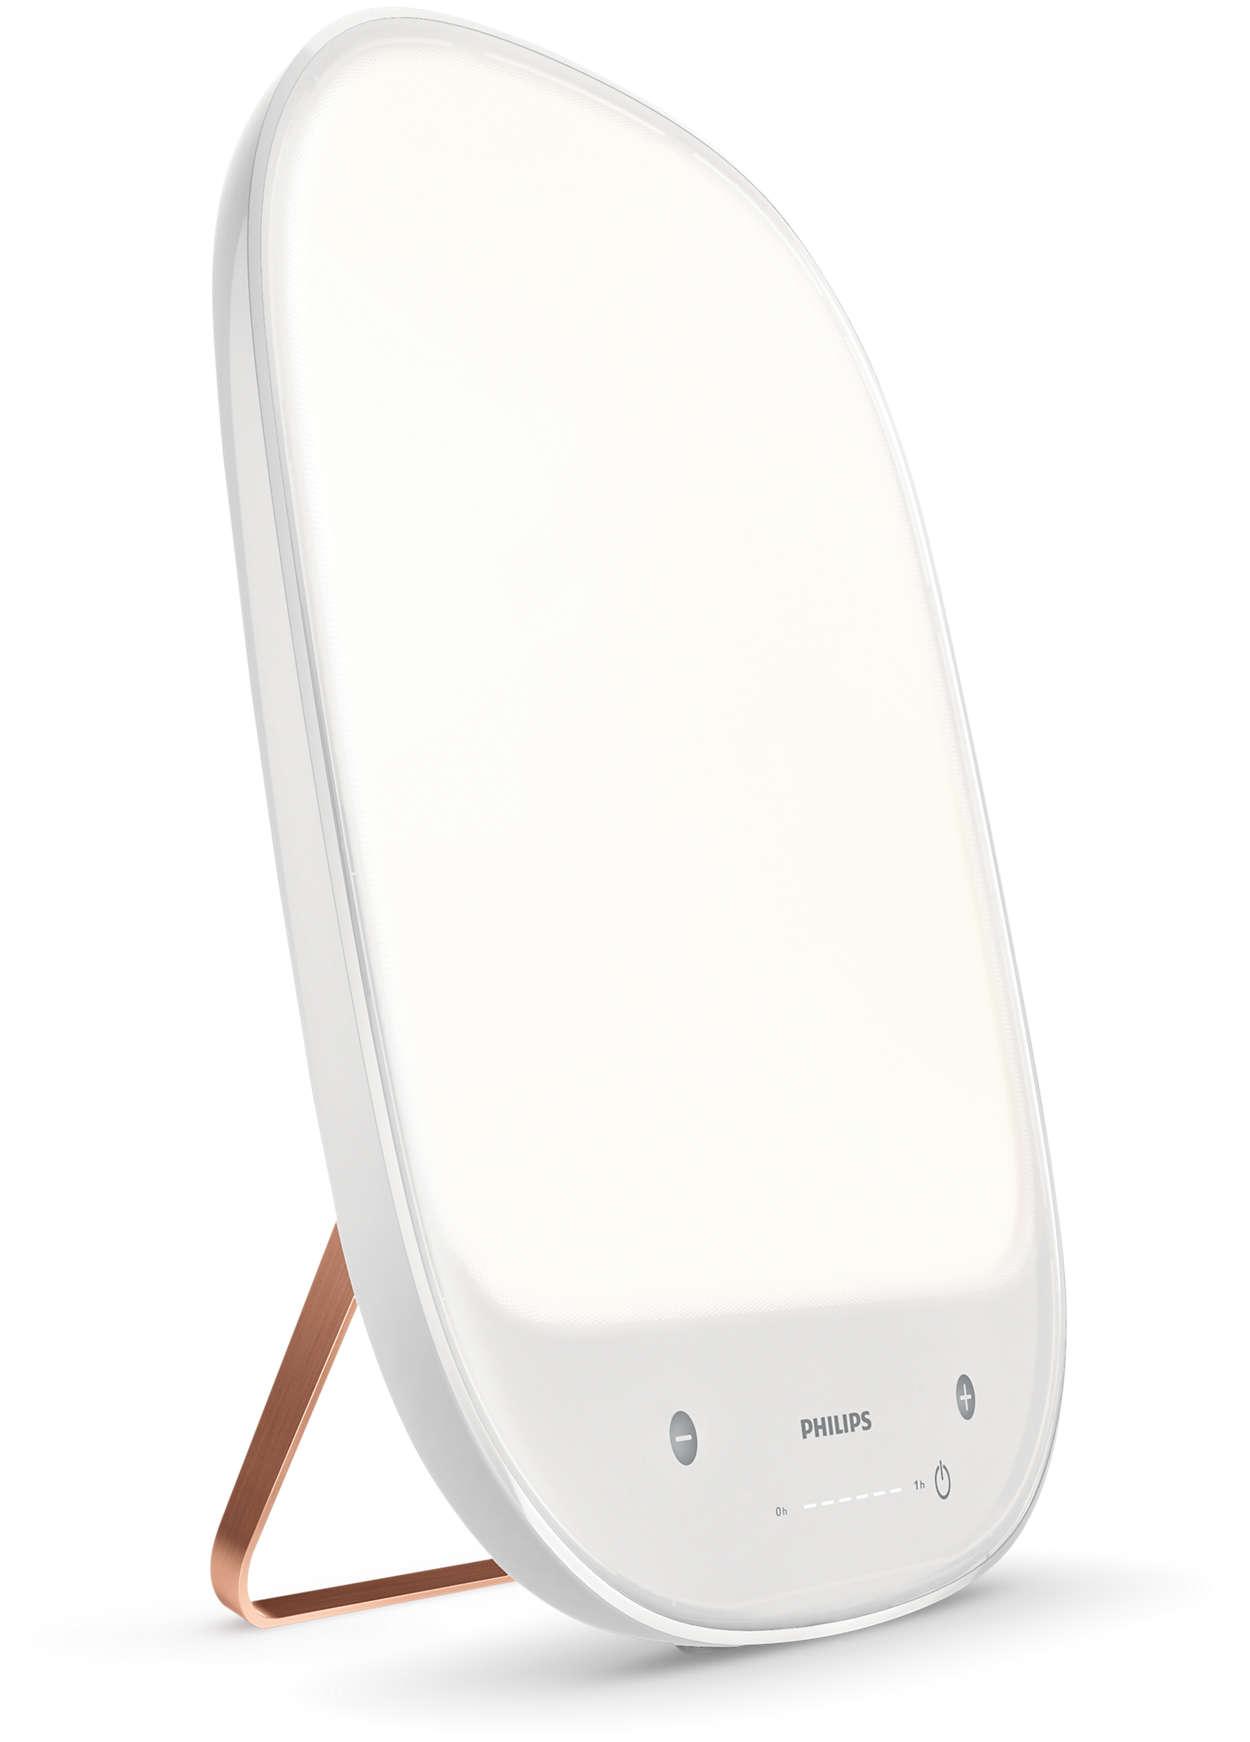 Energyup Lampe Energyup Hf3419 01 Philips